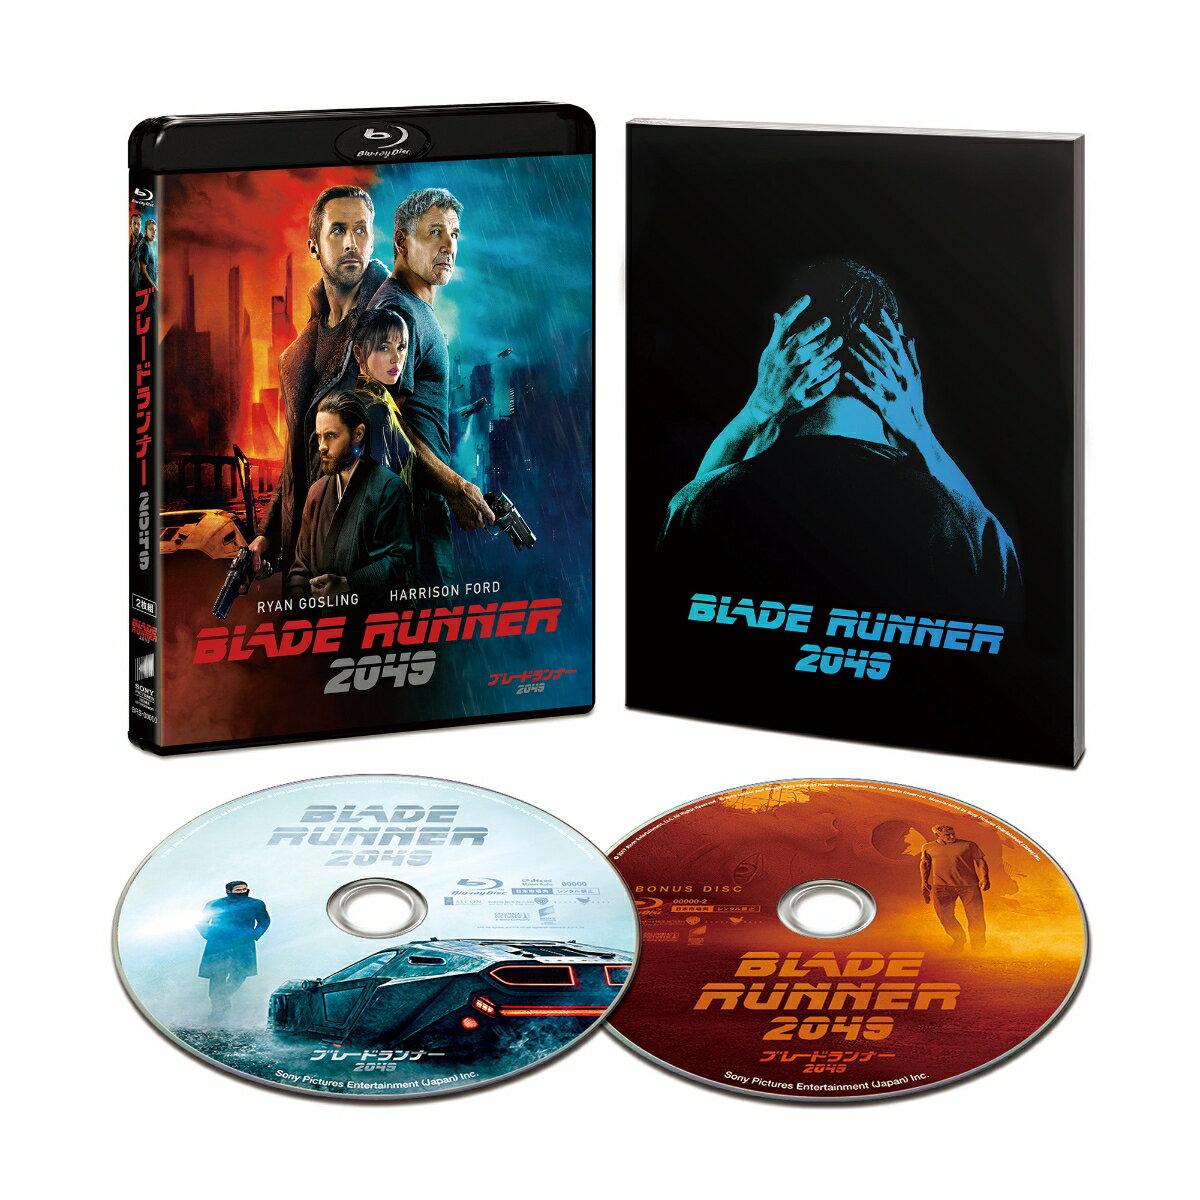 ブレードランナー 2049(初回生産限定)【Blu-ray】 [ ライアン・ゴズリング ]